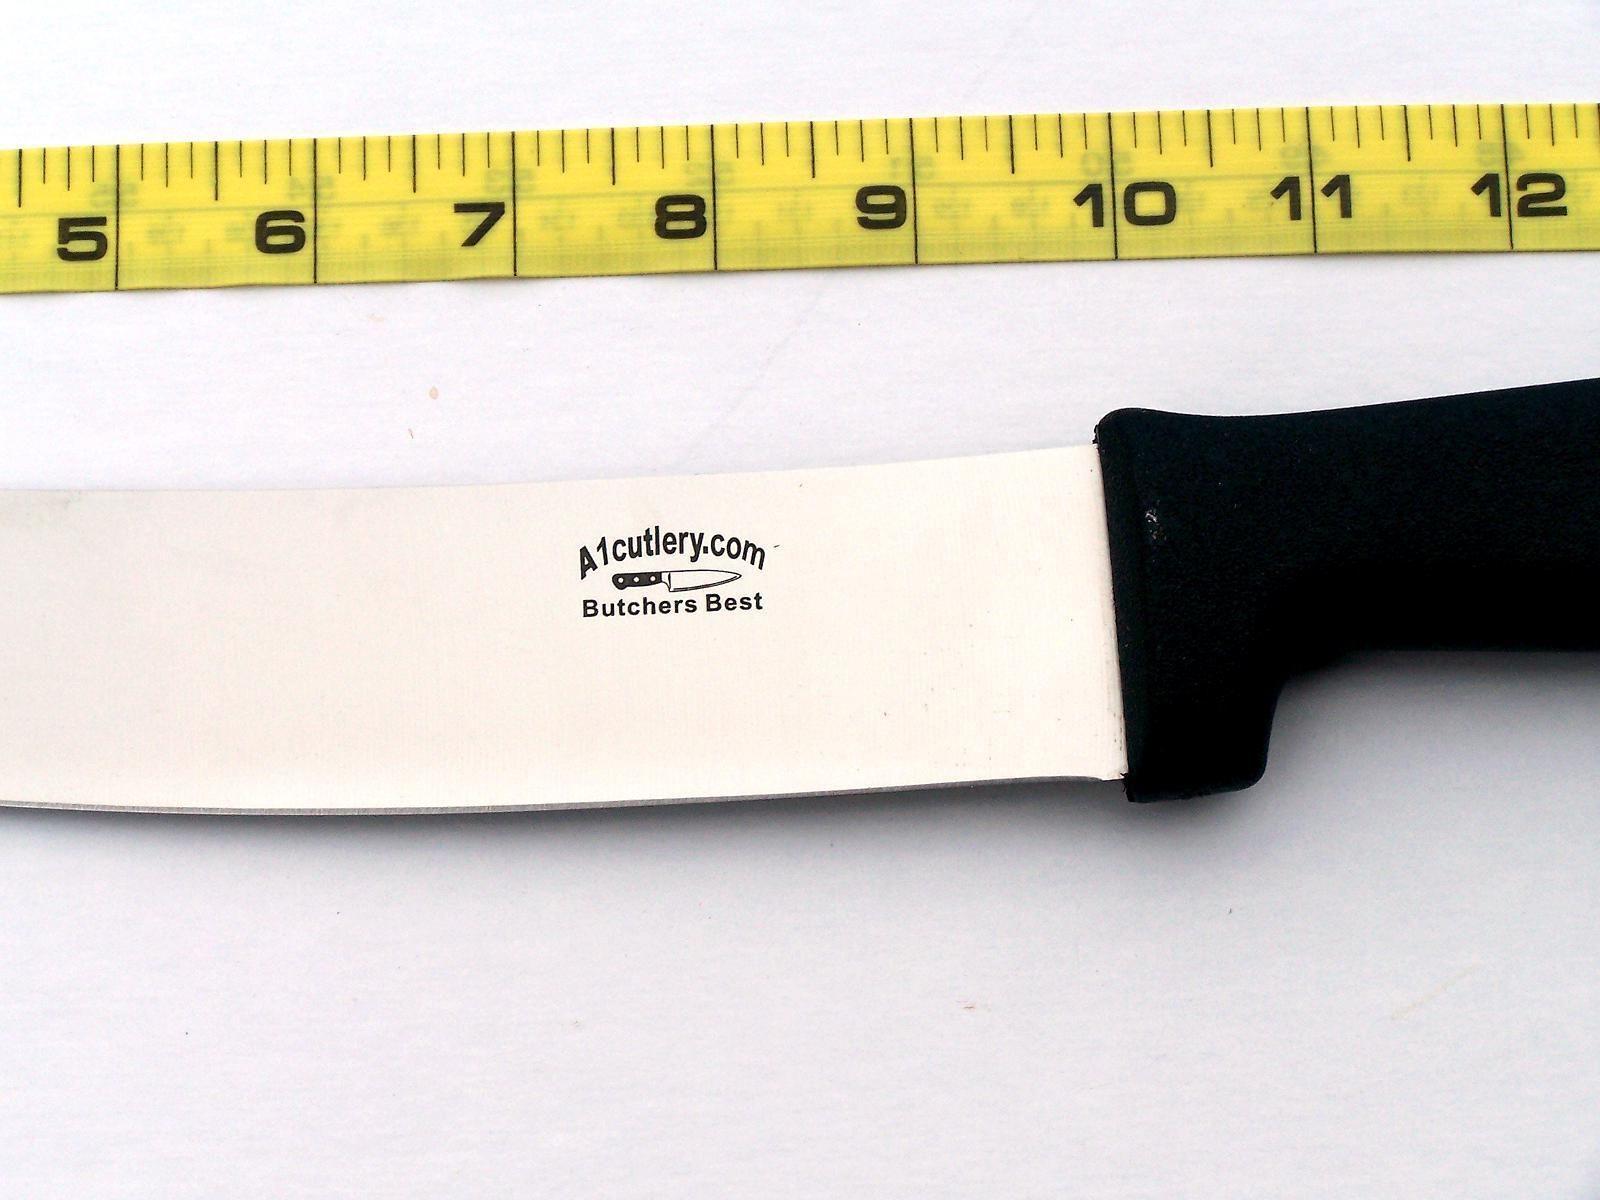 Fillet knife types fisherman pinterest knives and fillet knife